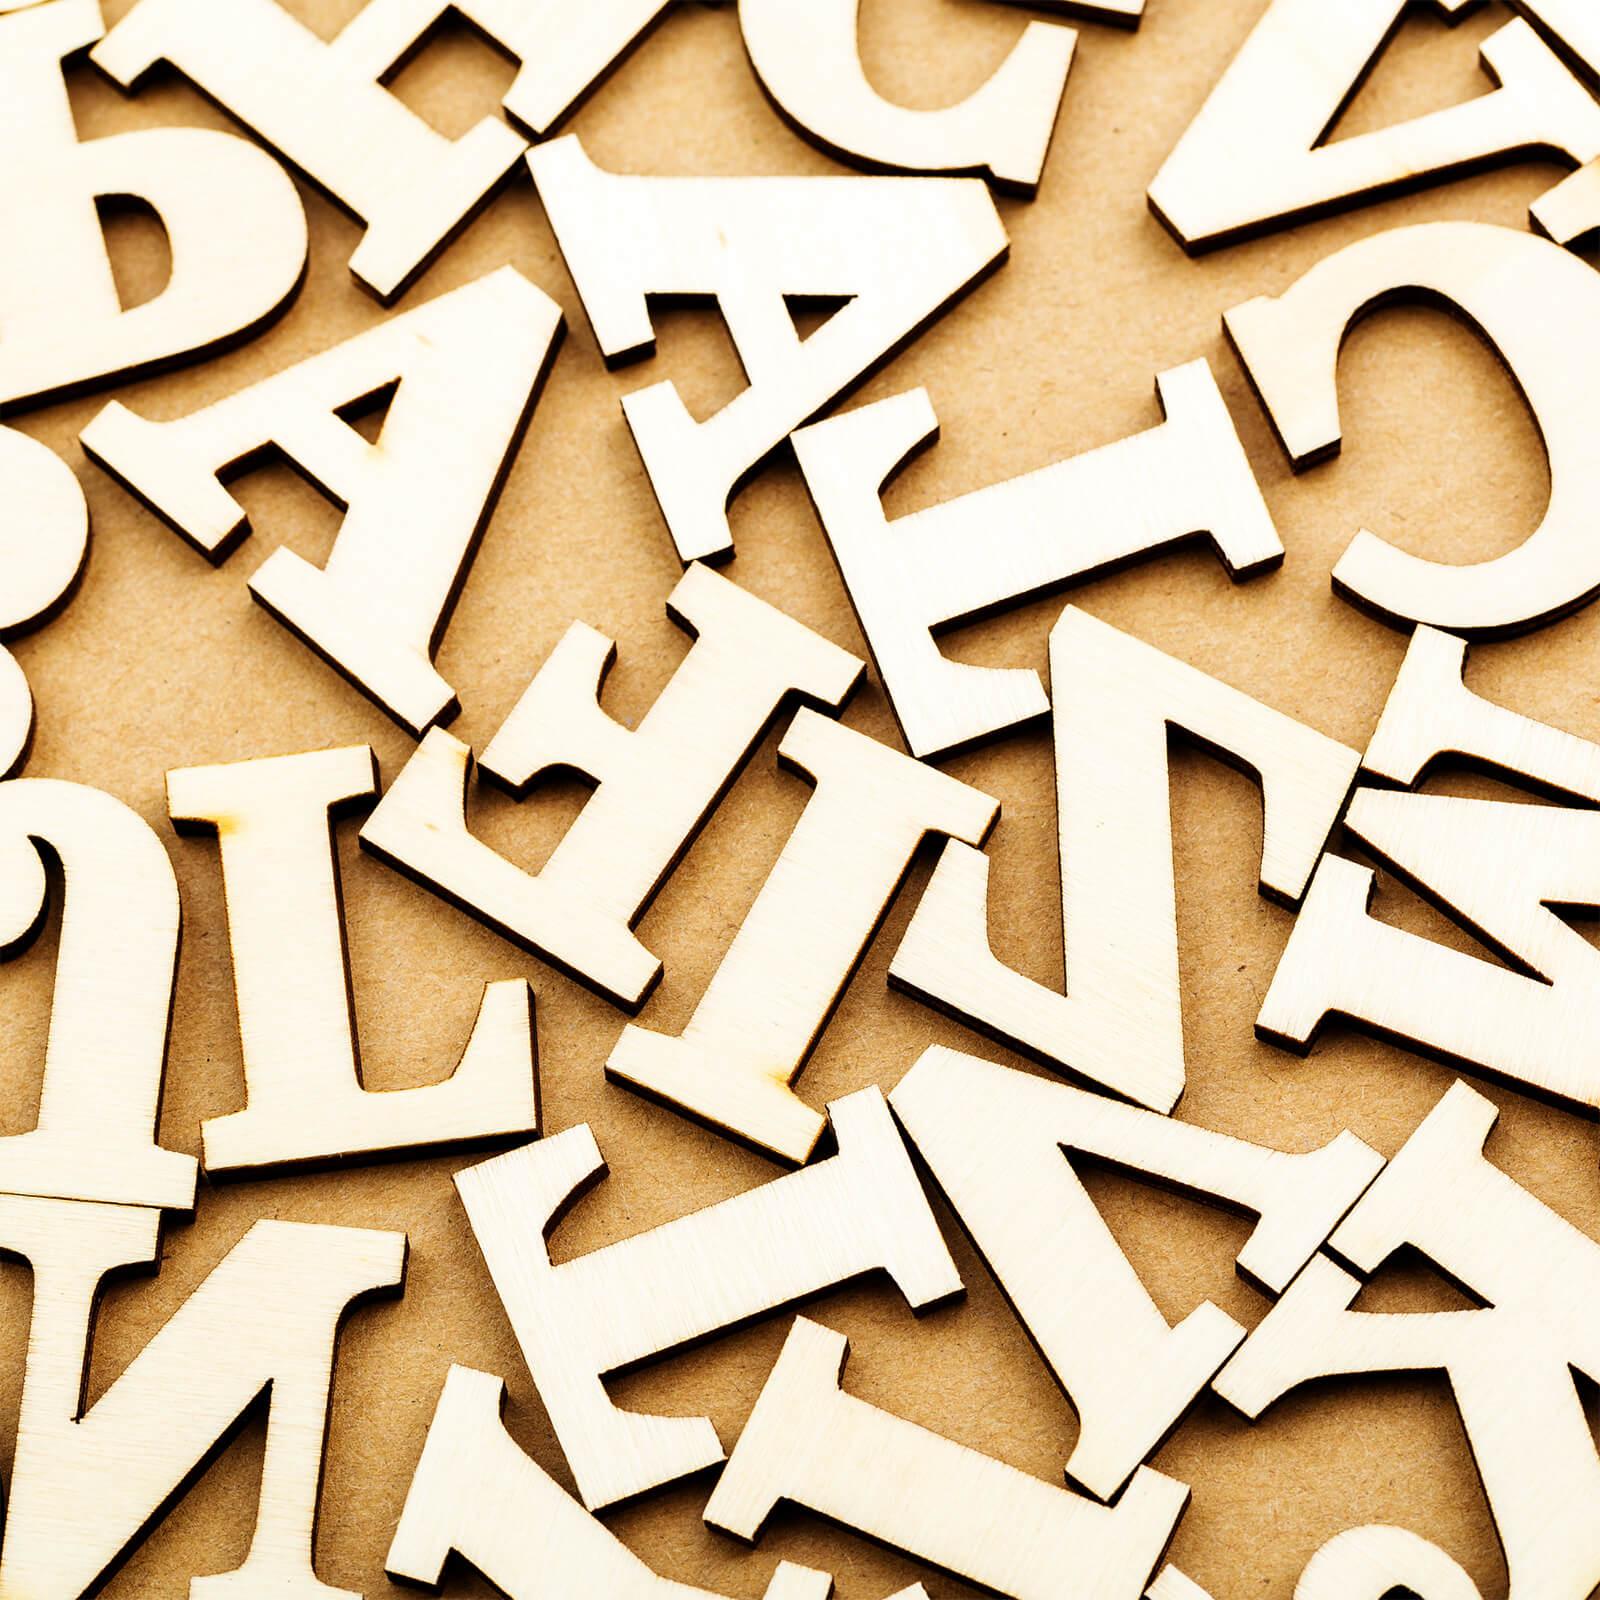 Blogartikel-Reisespiele-Buchstaben-Antwort